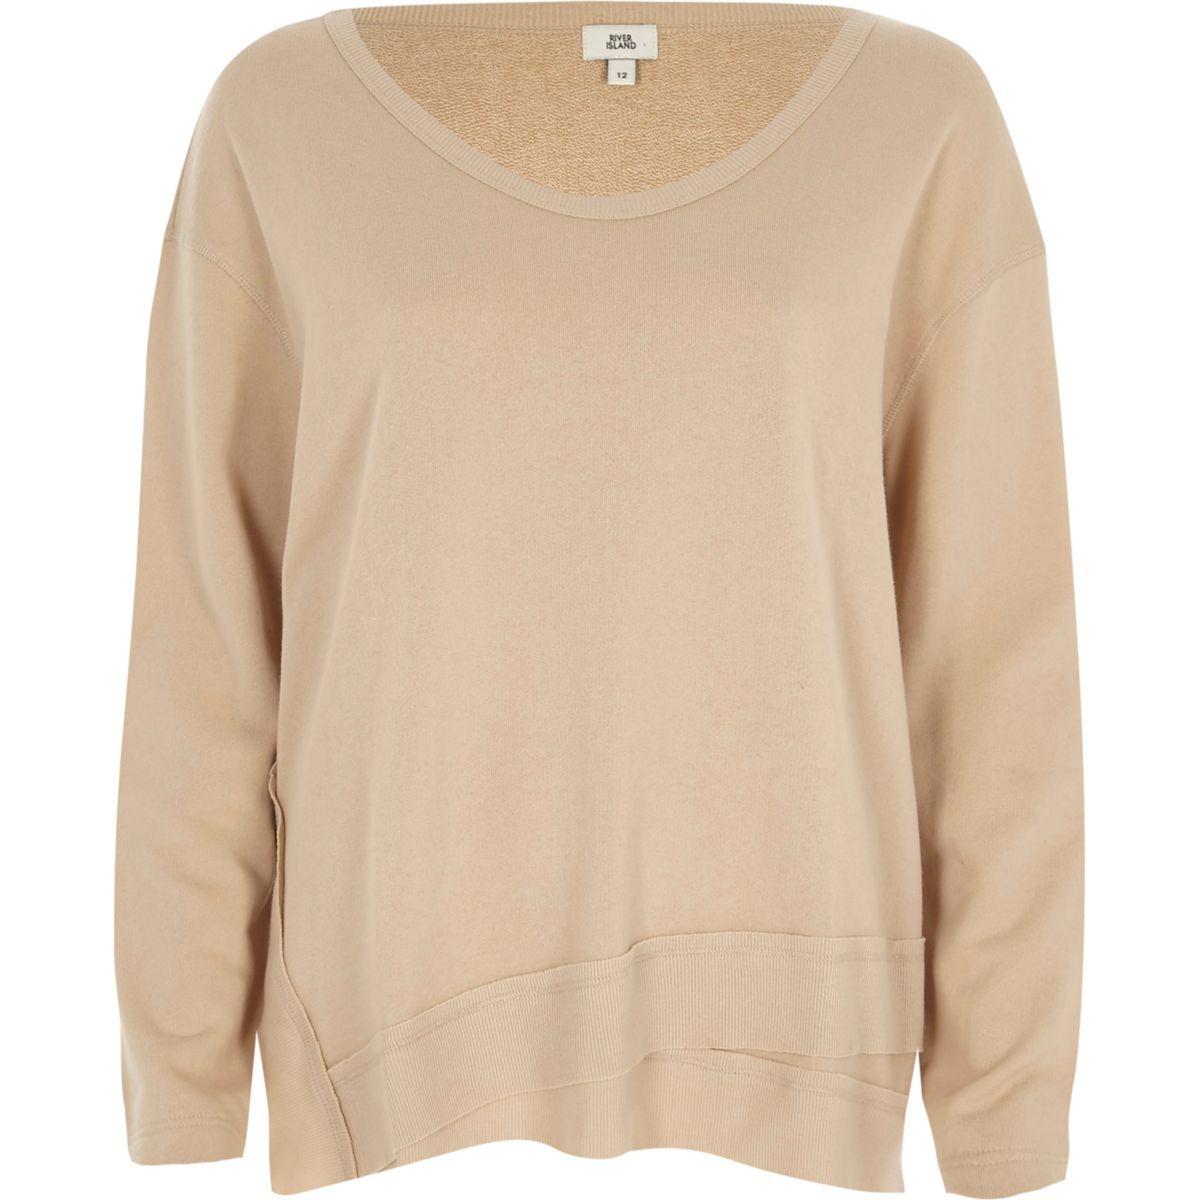 Beige scoop neck slouch sweatshirt